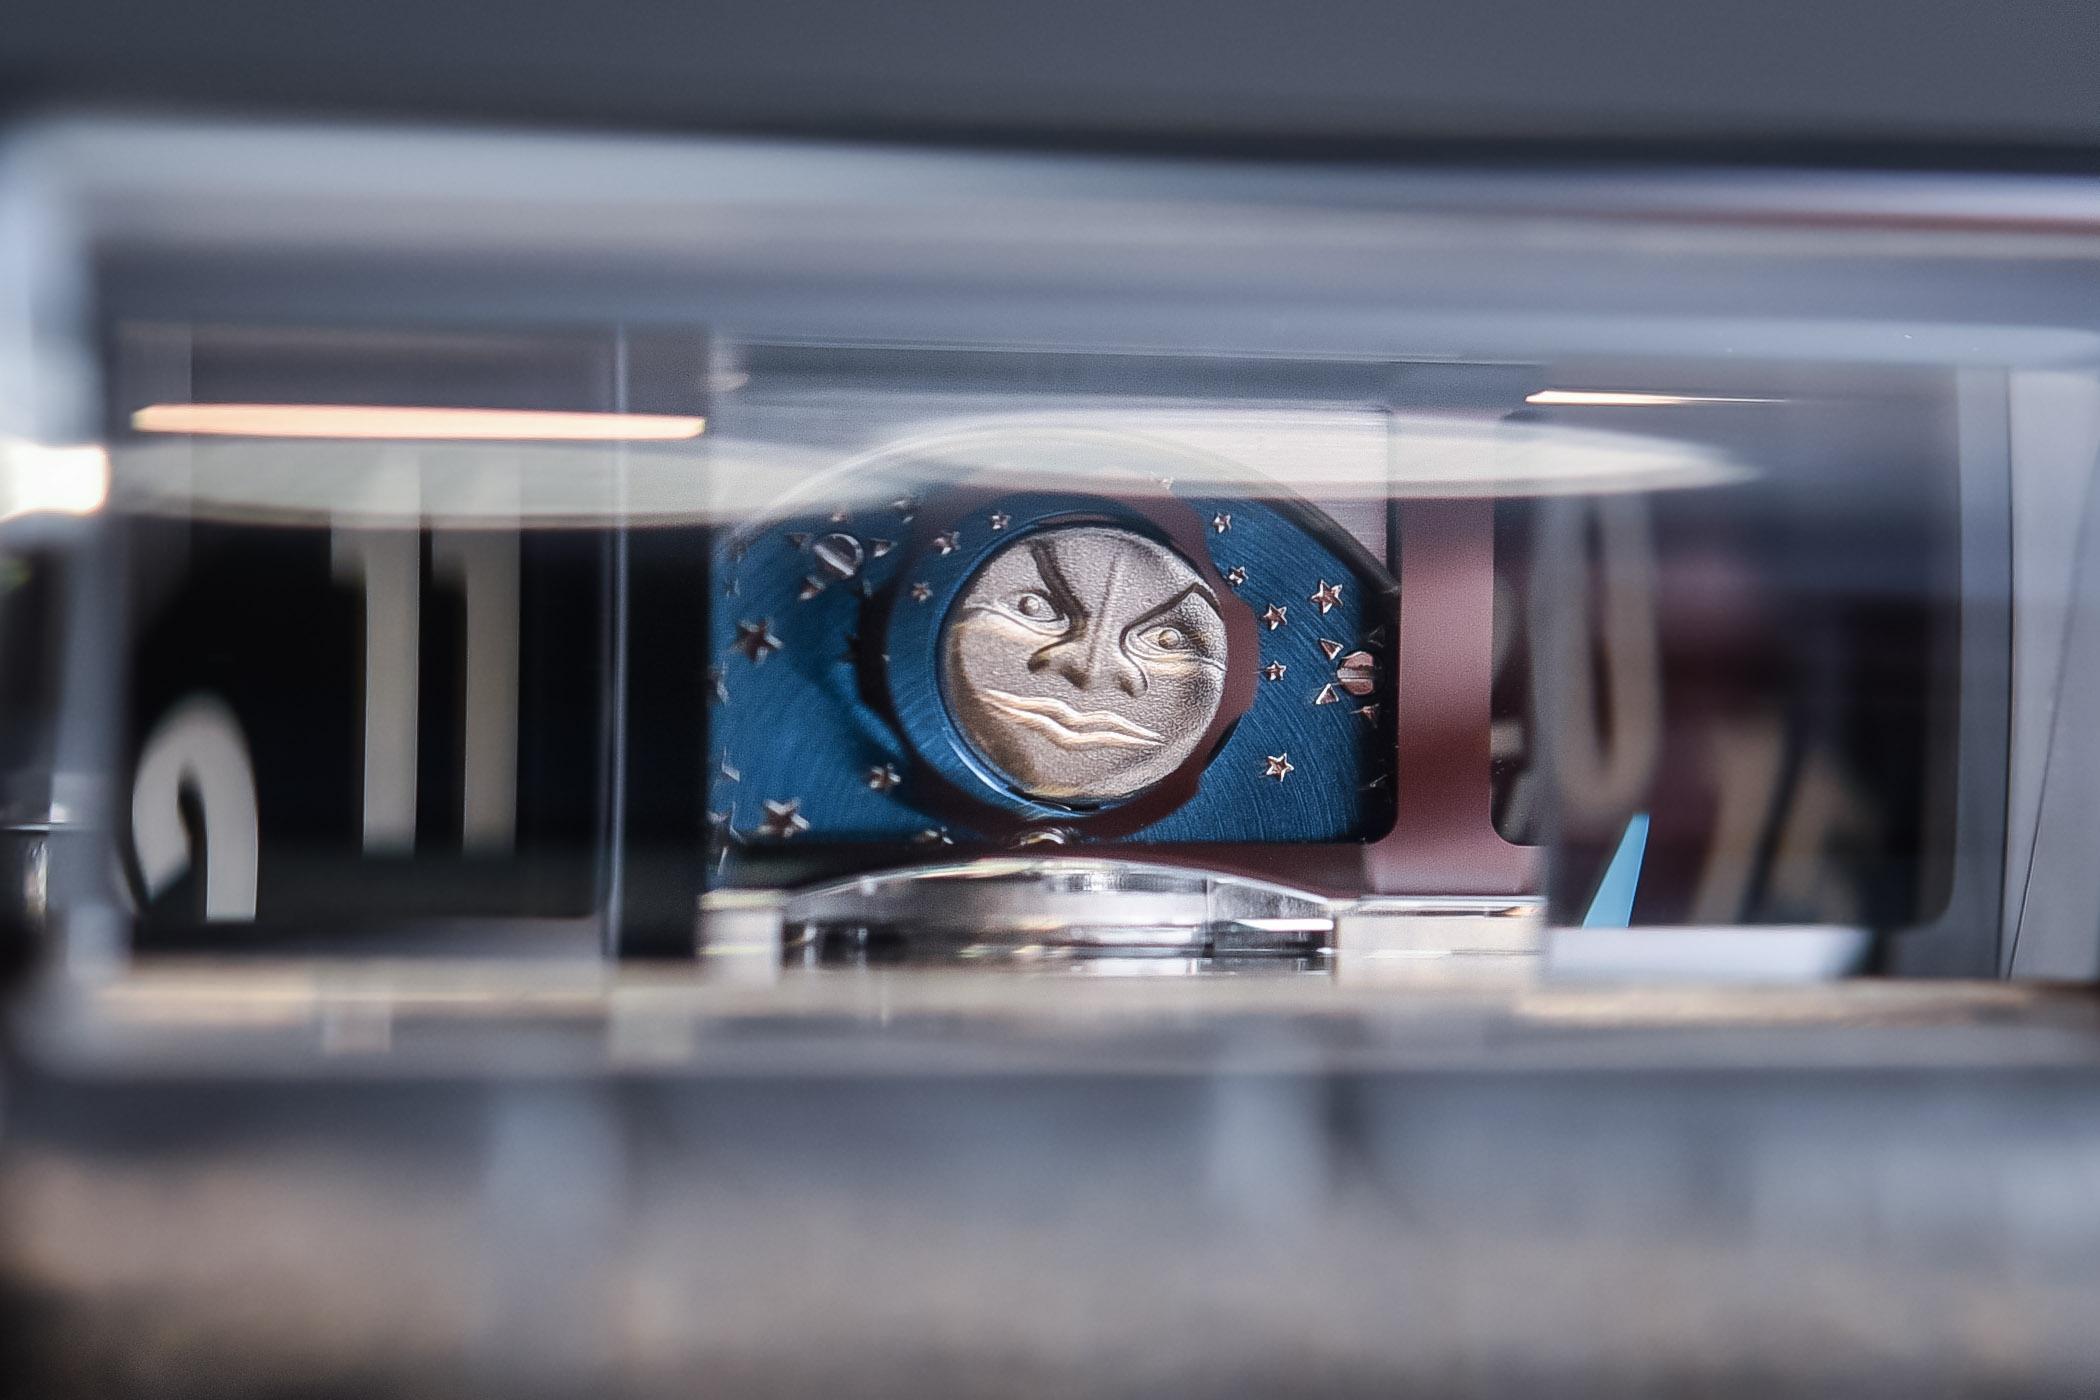 MB&F MoonMachine 2 Sarpaneva HM8 - SIHH 2018 review